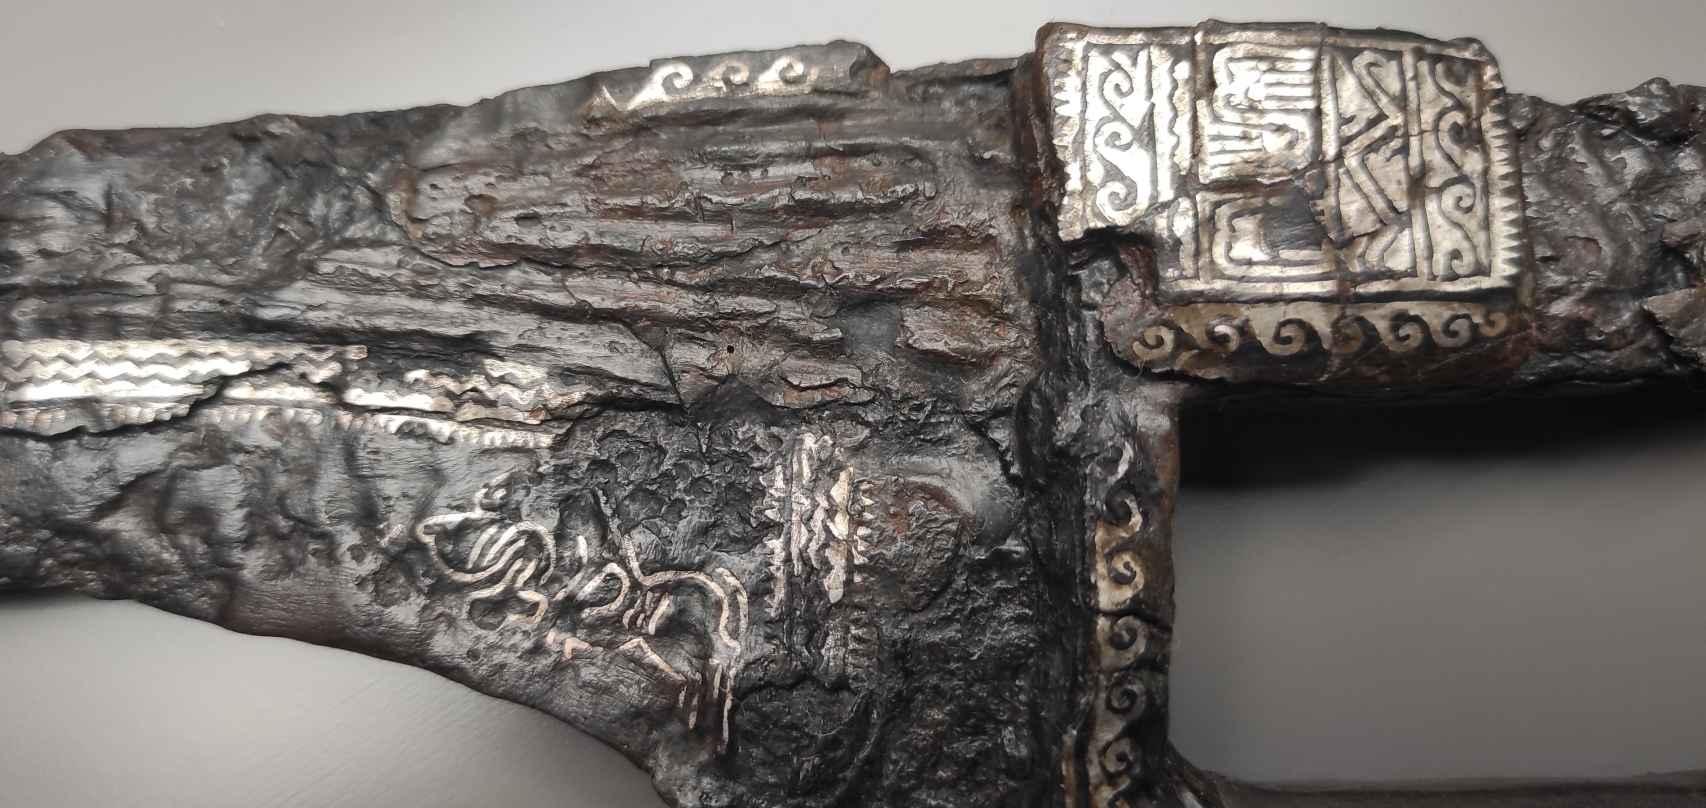 Detalle del nielado de plata en el arranque de la hoja y la empuñadura de la espada.